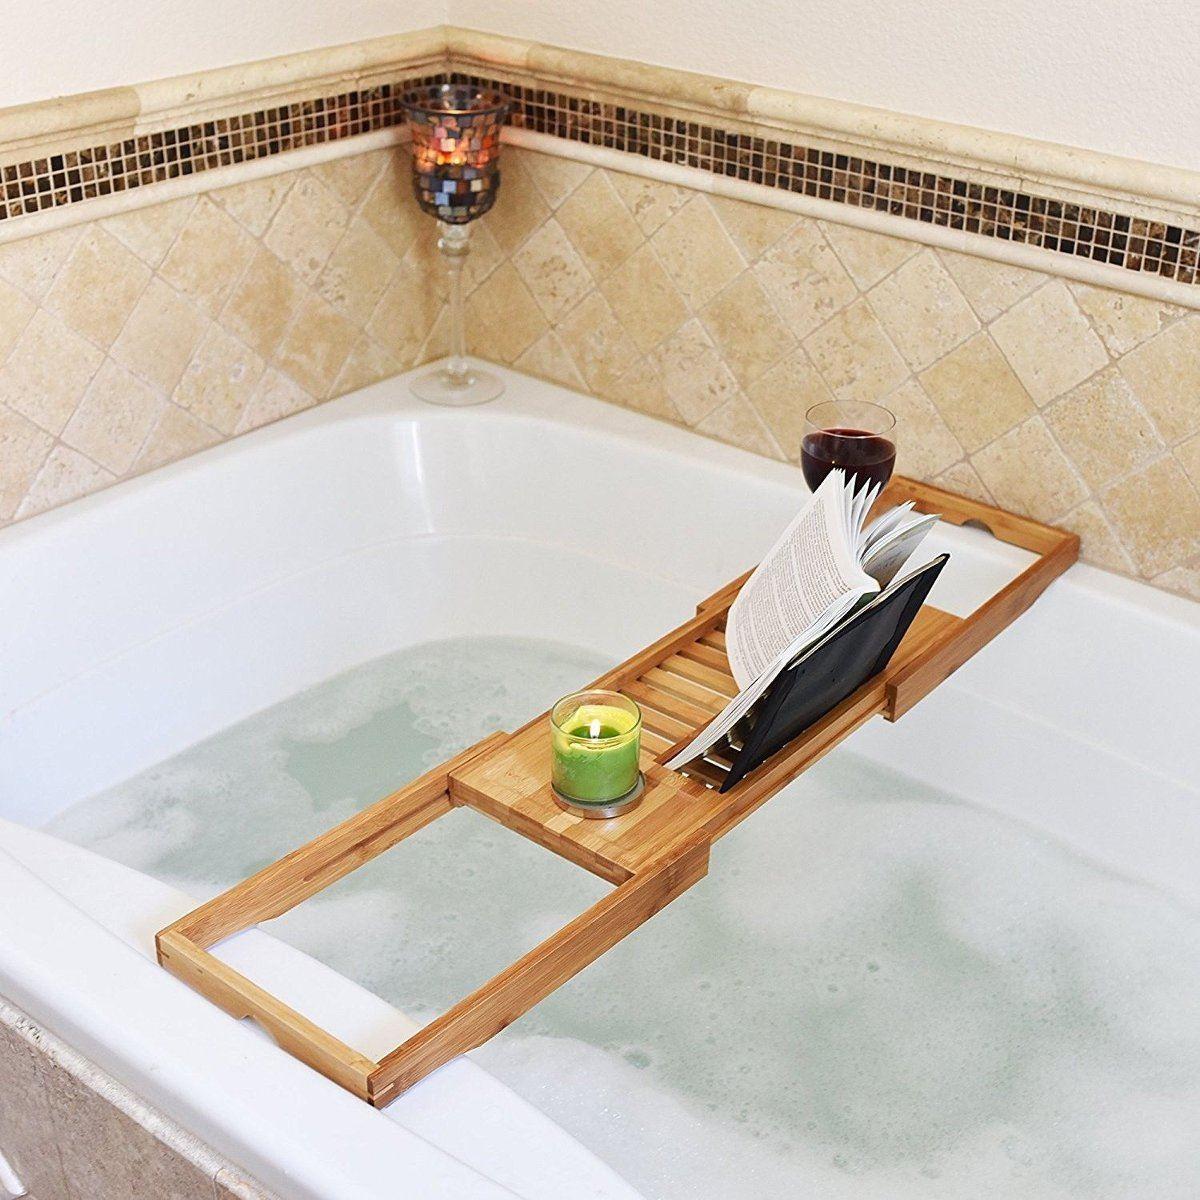 Ванная комната ванна книги телефон вина чашки стойки душ лоток держатель домашний отель стенд разное Организатор Регулируемый полки для ва...